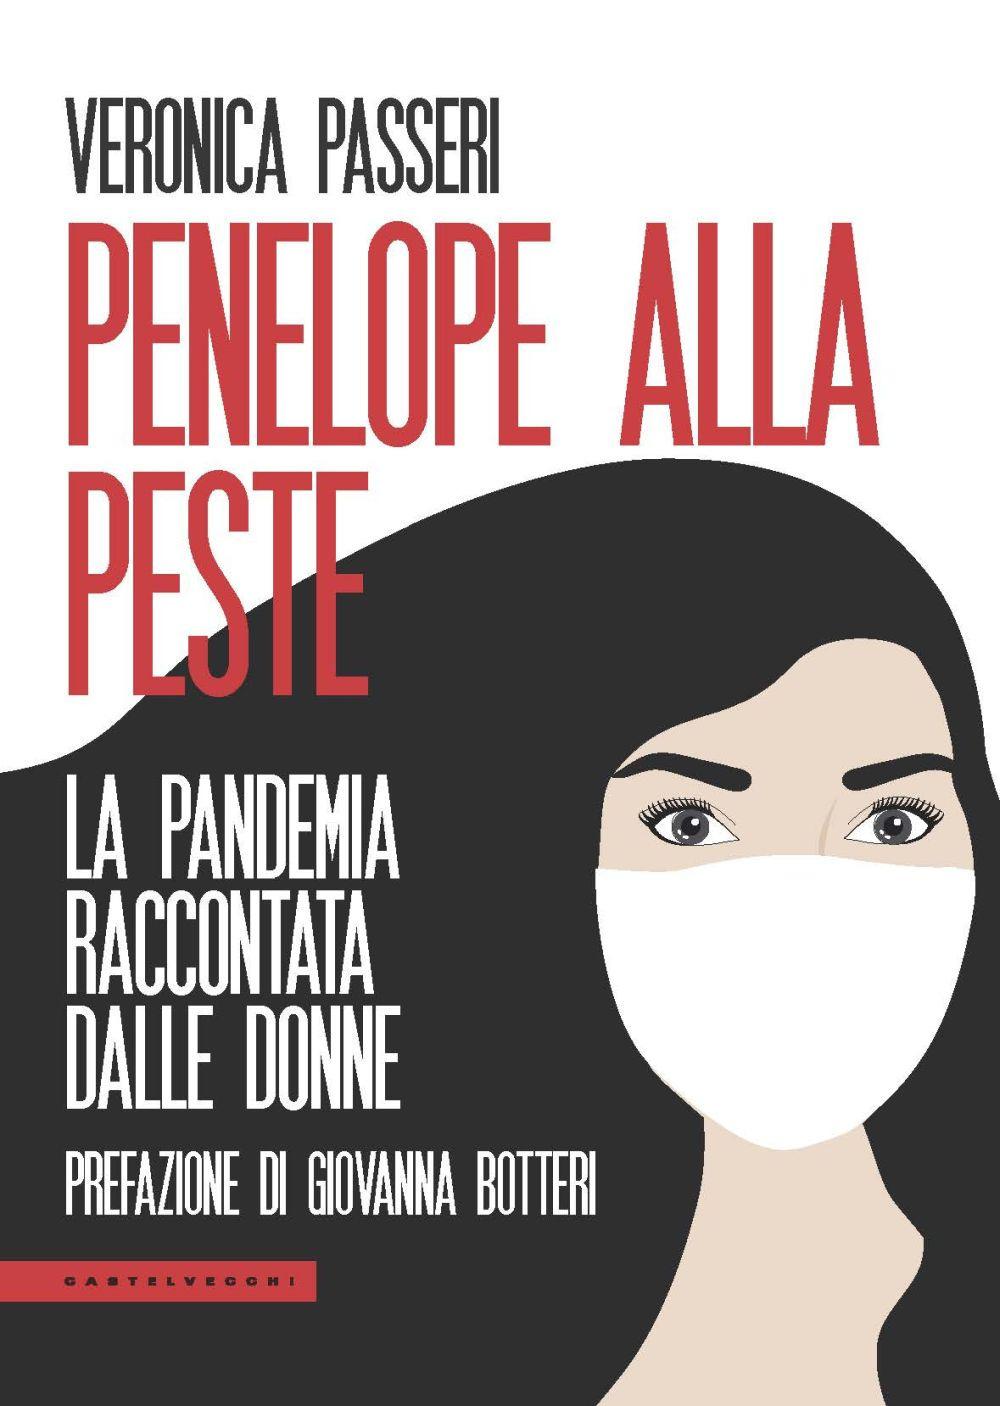 PENELOPE ALLA PESTE. LA PANDEMIA RACCONTATA DALLE DONNE - Passeri Veronica - 9788832901009